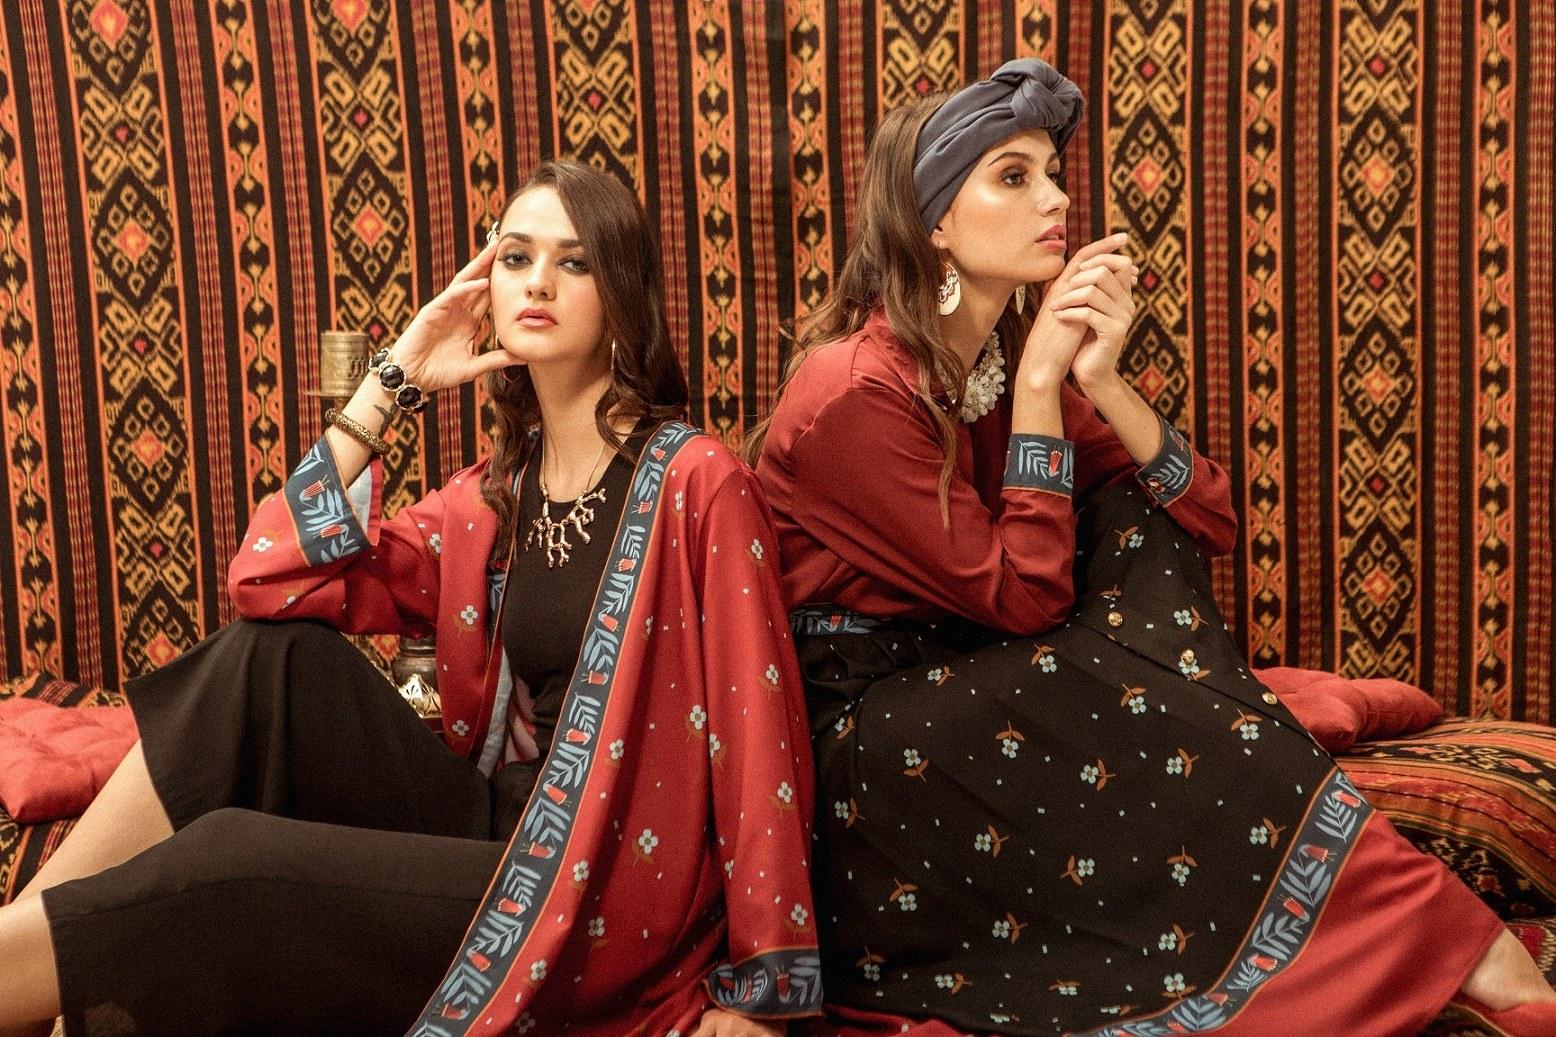 Inspirasi Baju Lebaran Yang Cantik Dddy Tampil Elegan Saat Lebaran Dengan Koleksi Cantik Ini